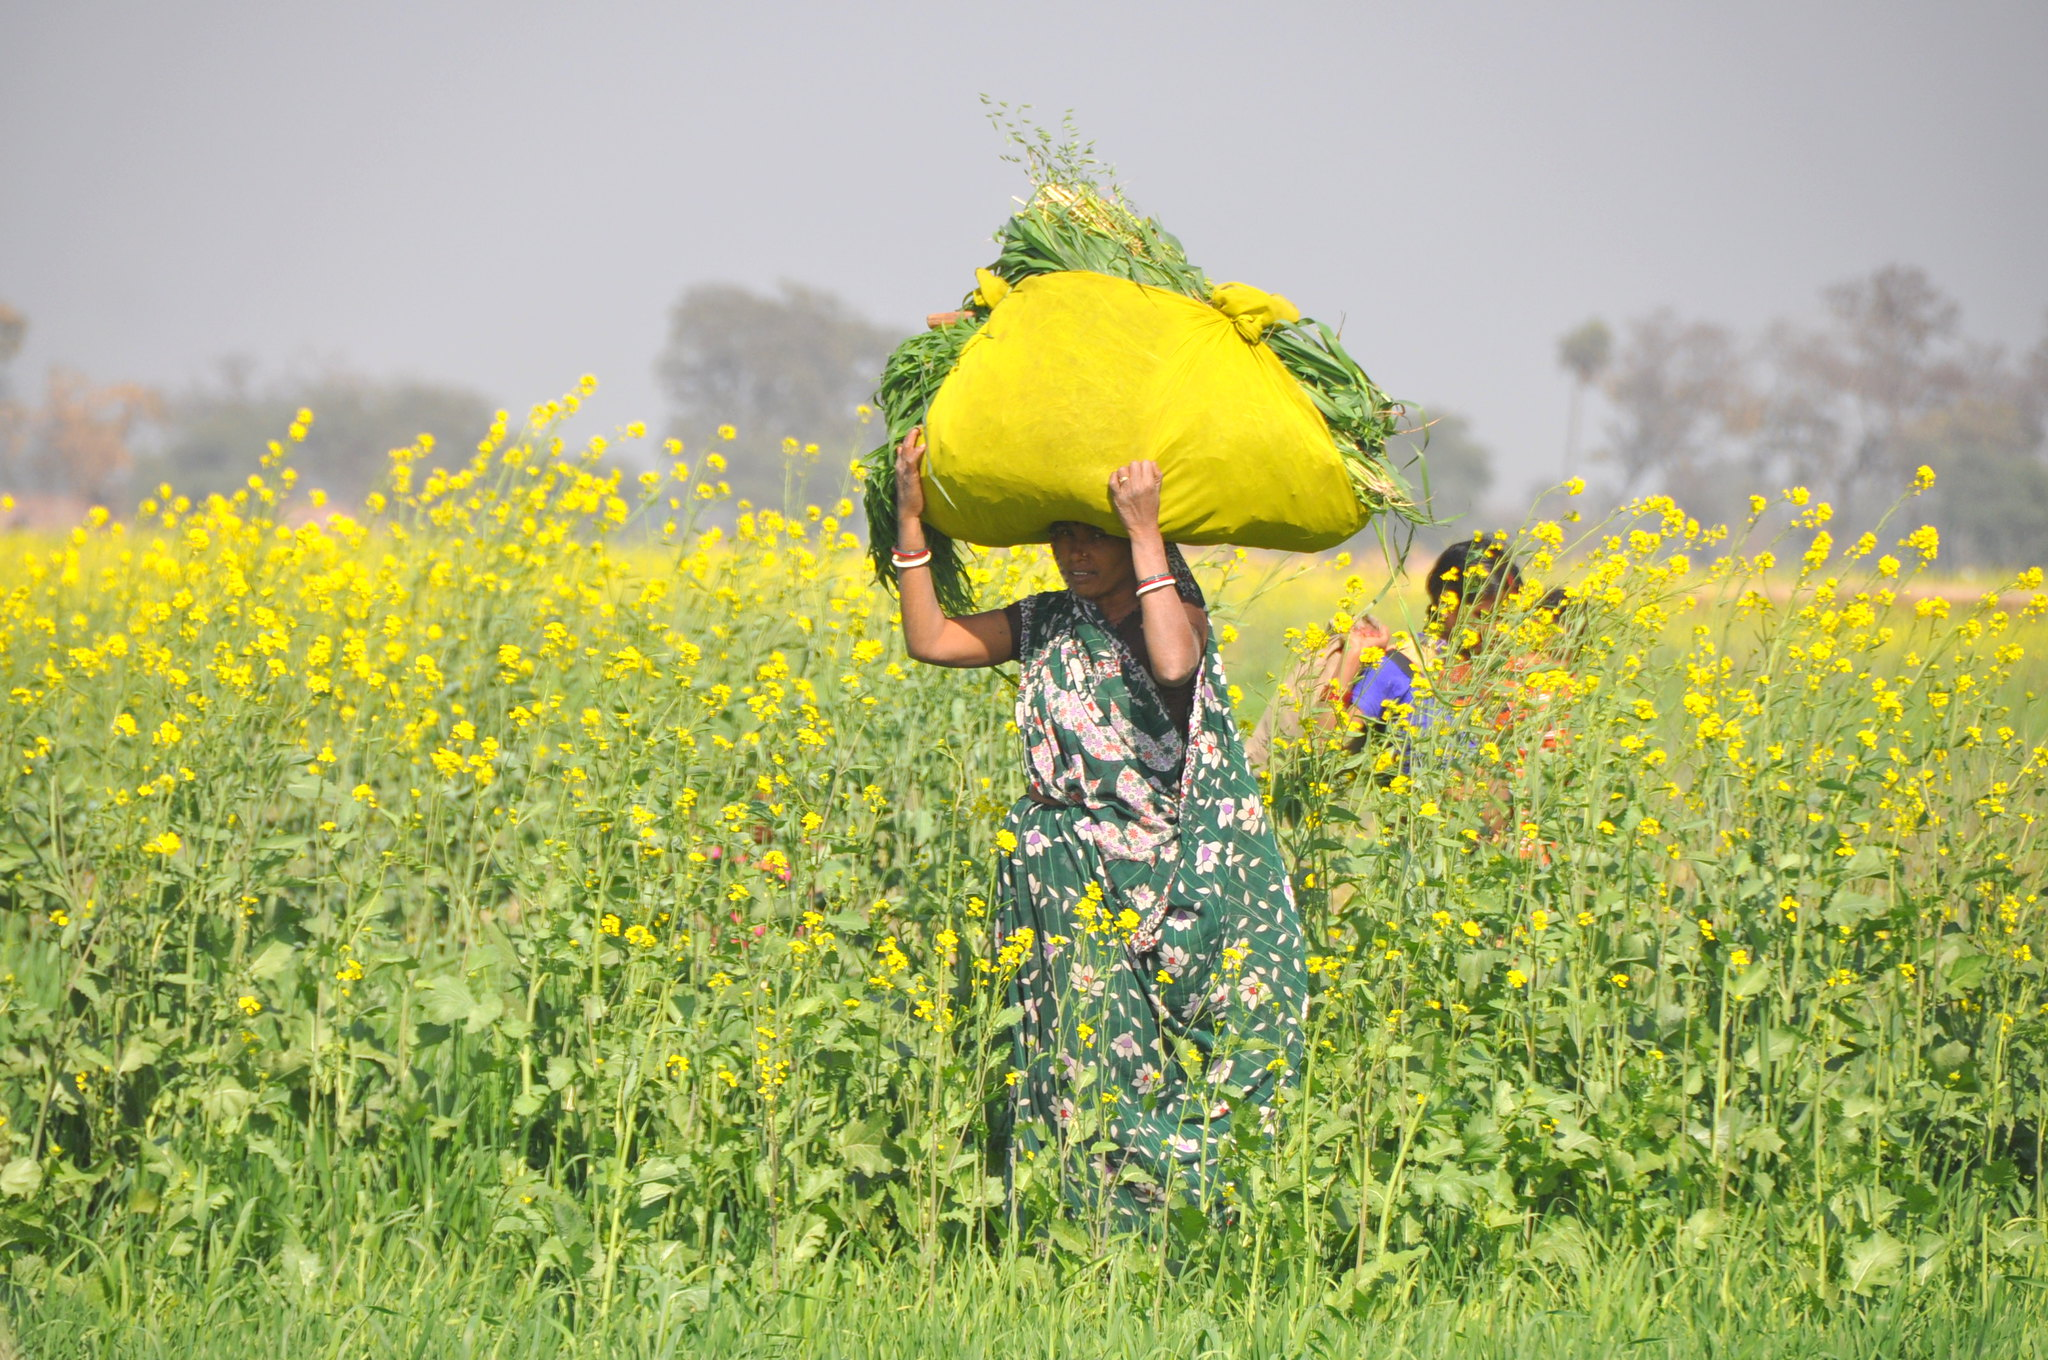 Bihar woman in the fields